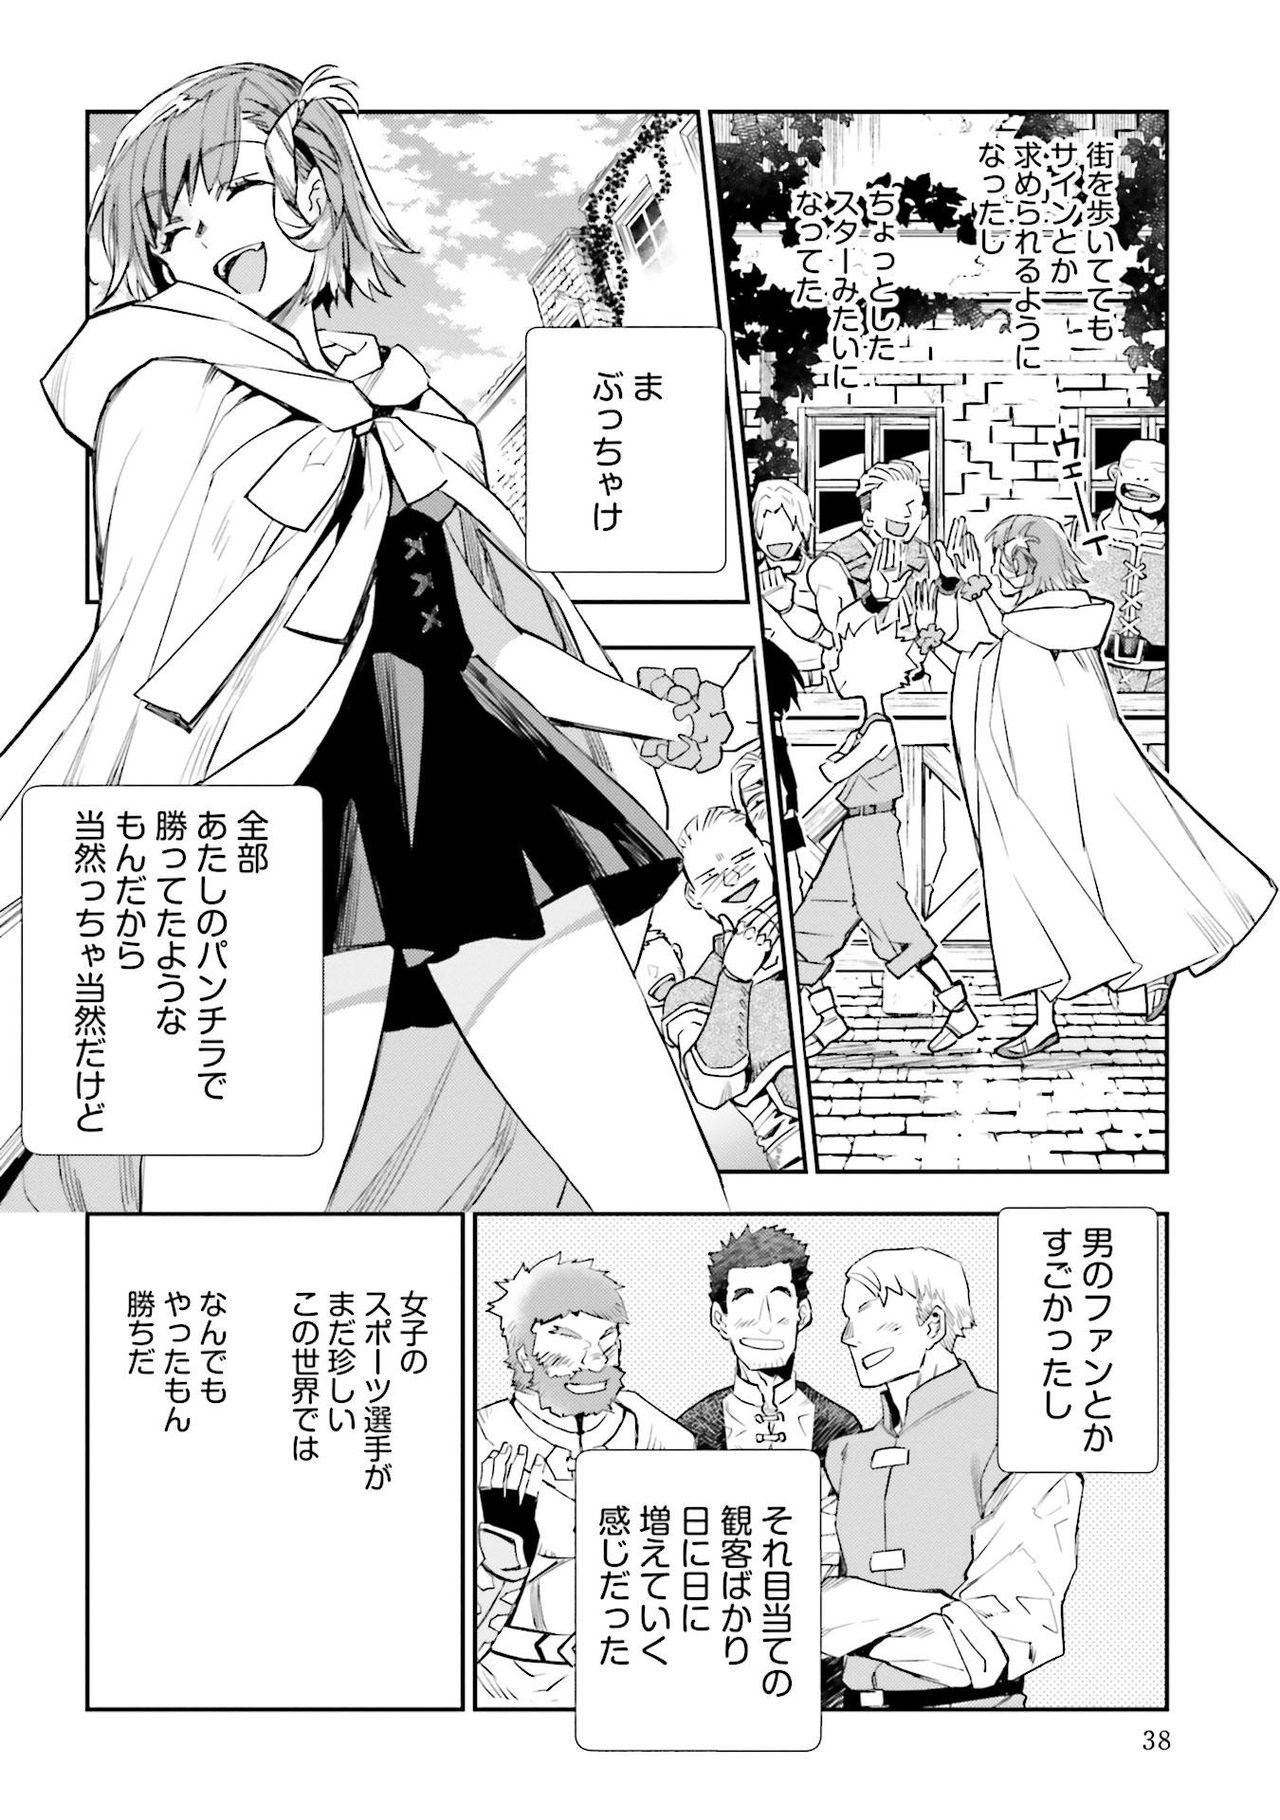 JK Haru wa Isekai de Shoufu ni Natta 1-14 397